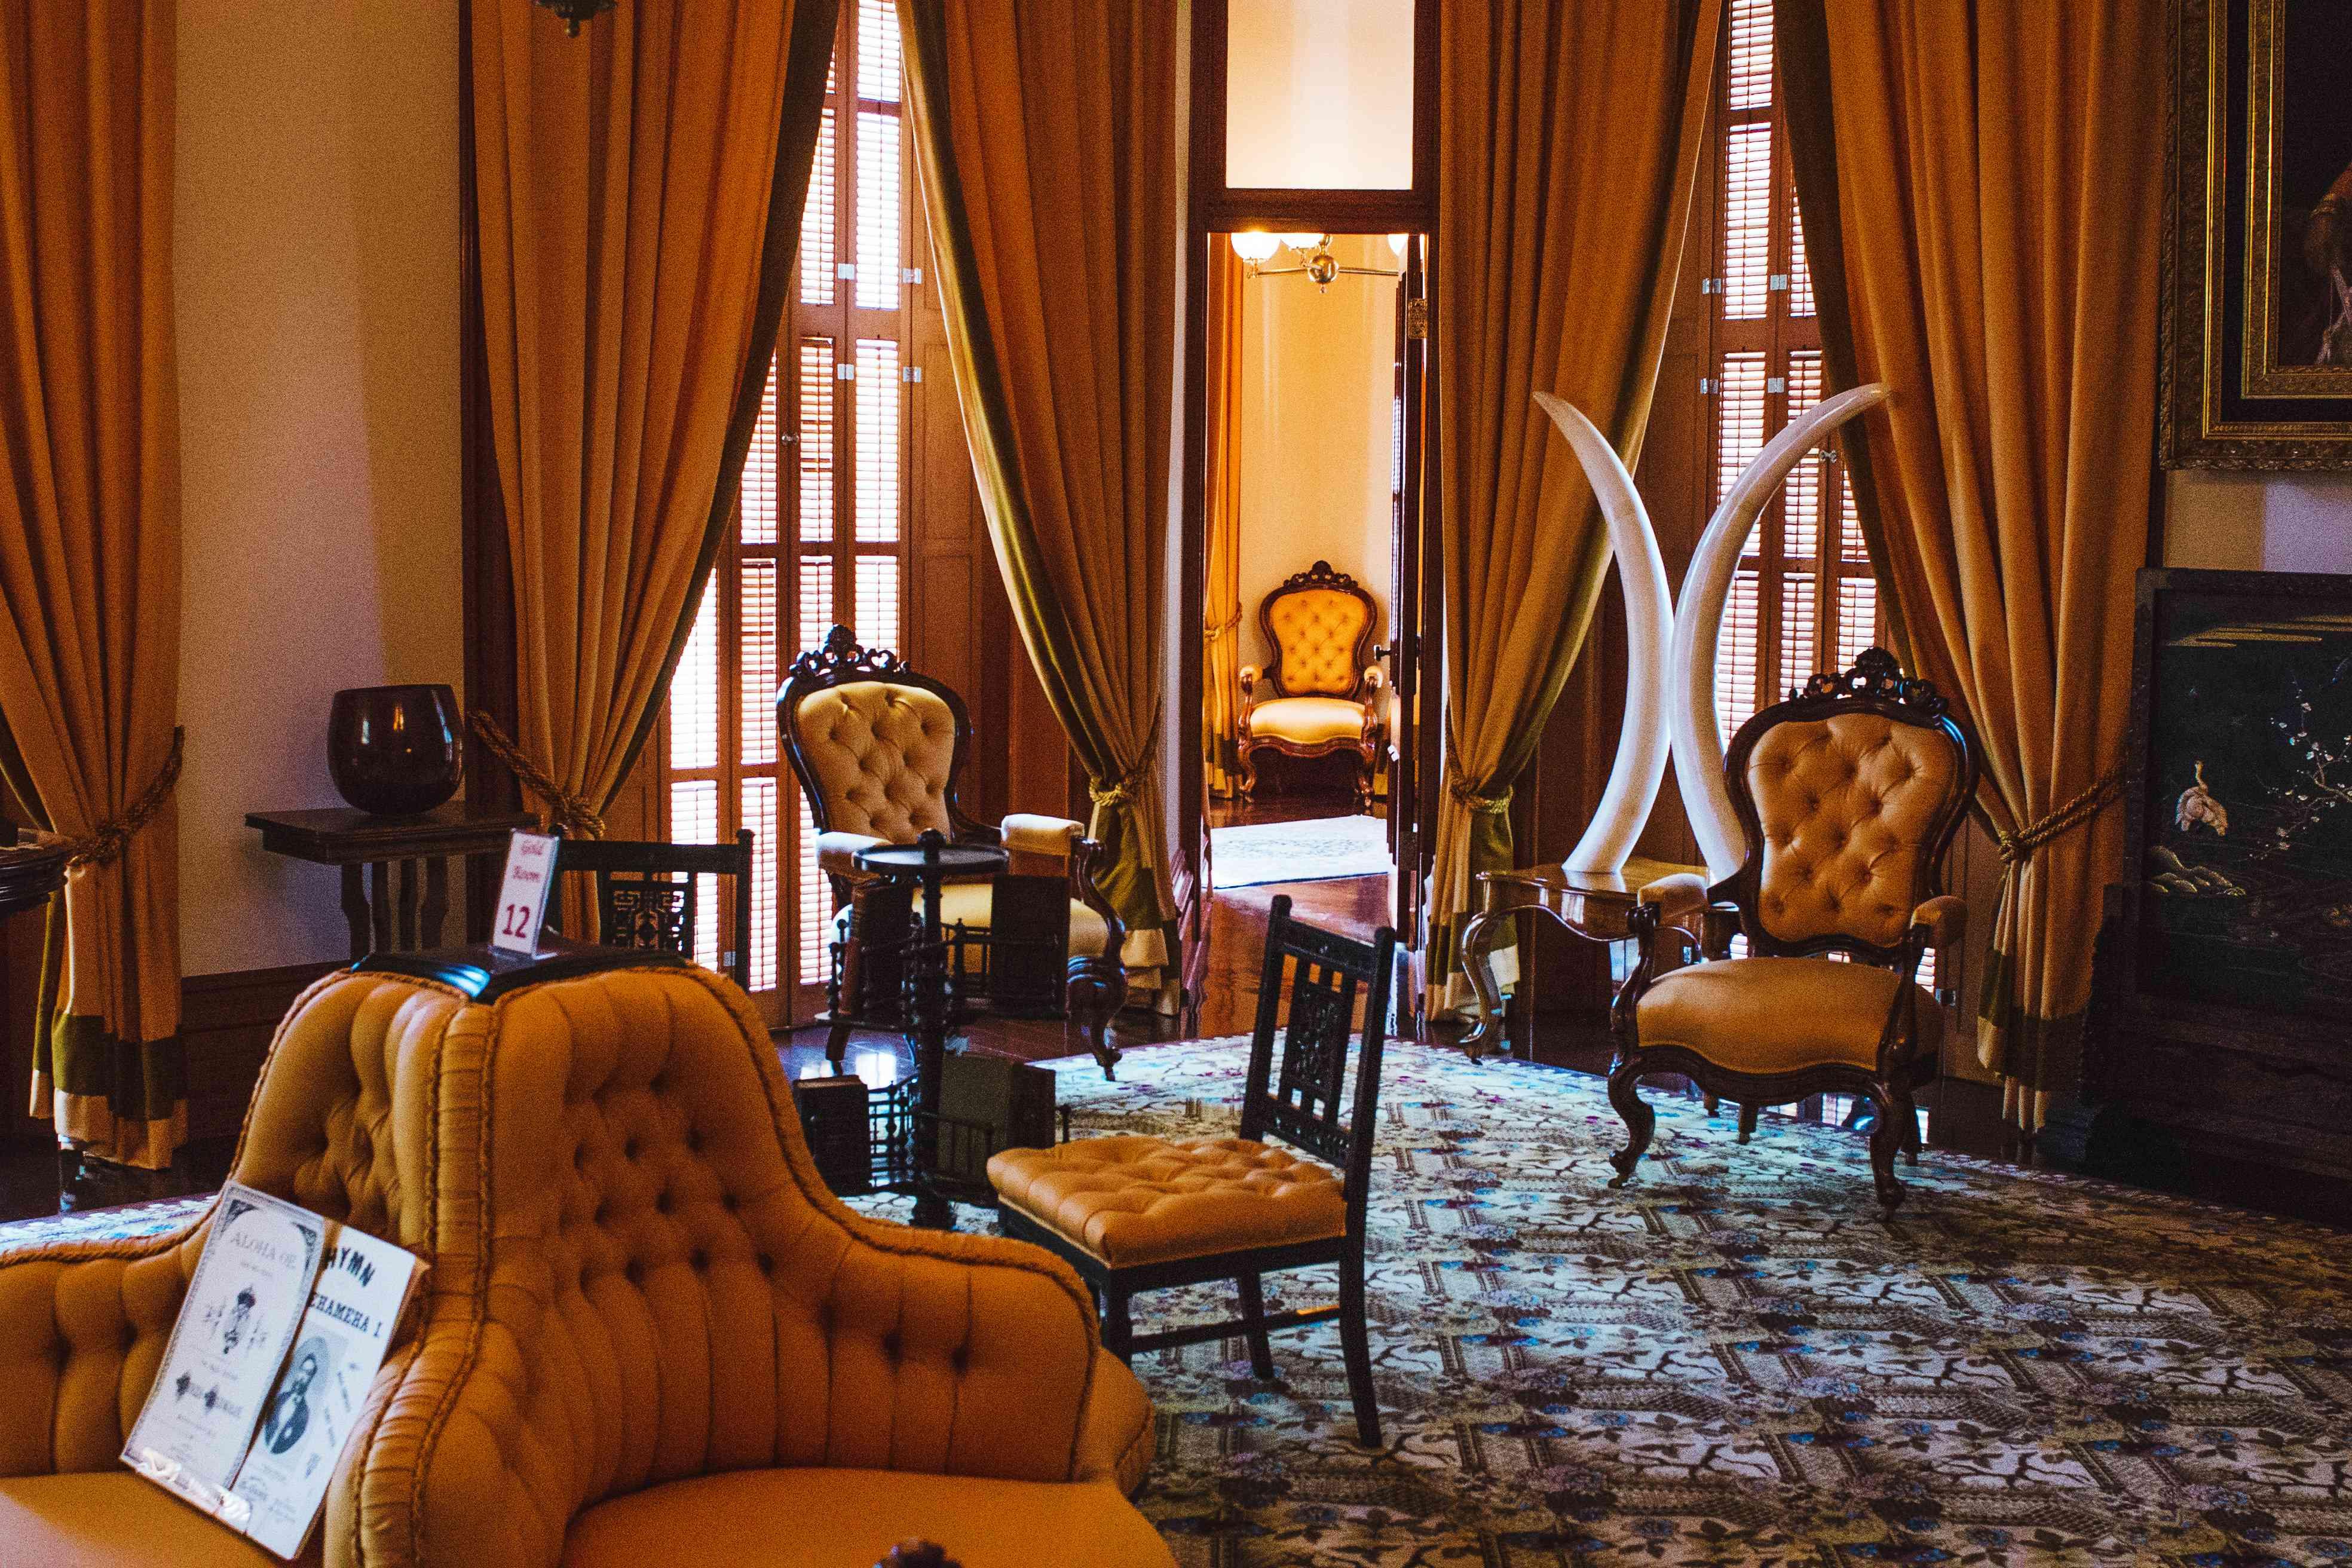 Inteiror room at Iolani Palace